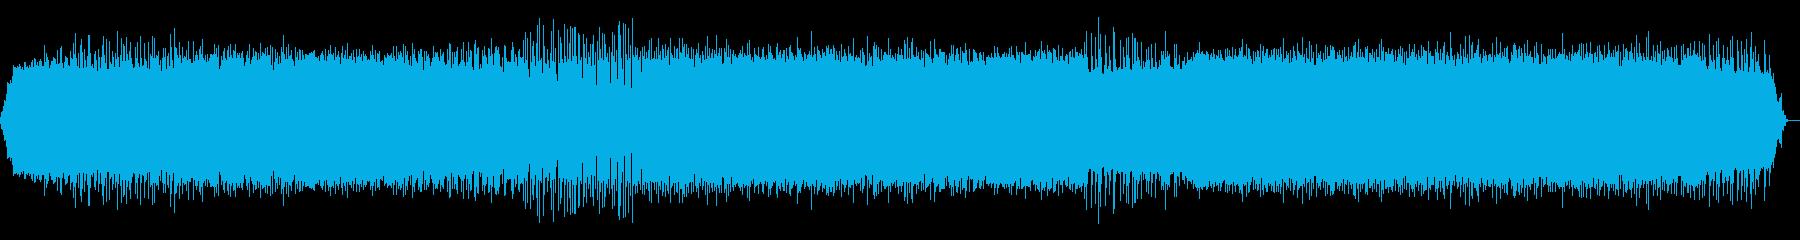 哀愁感のあるドラムンベースの再生済みの波形